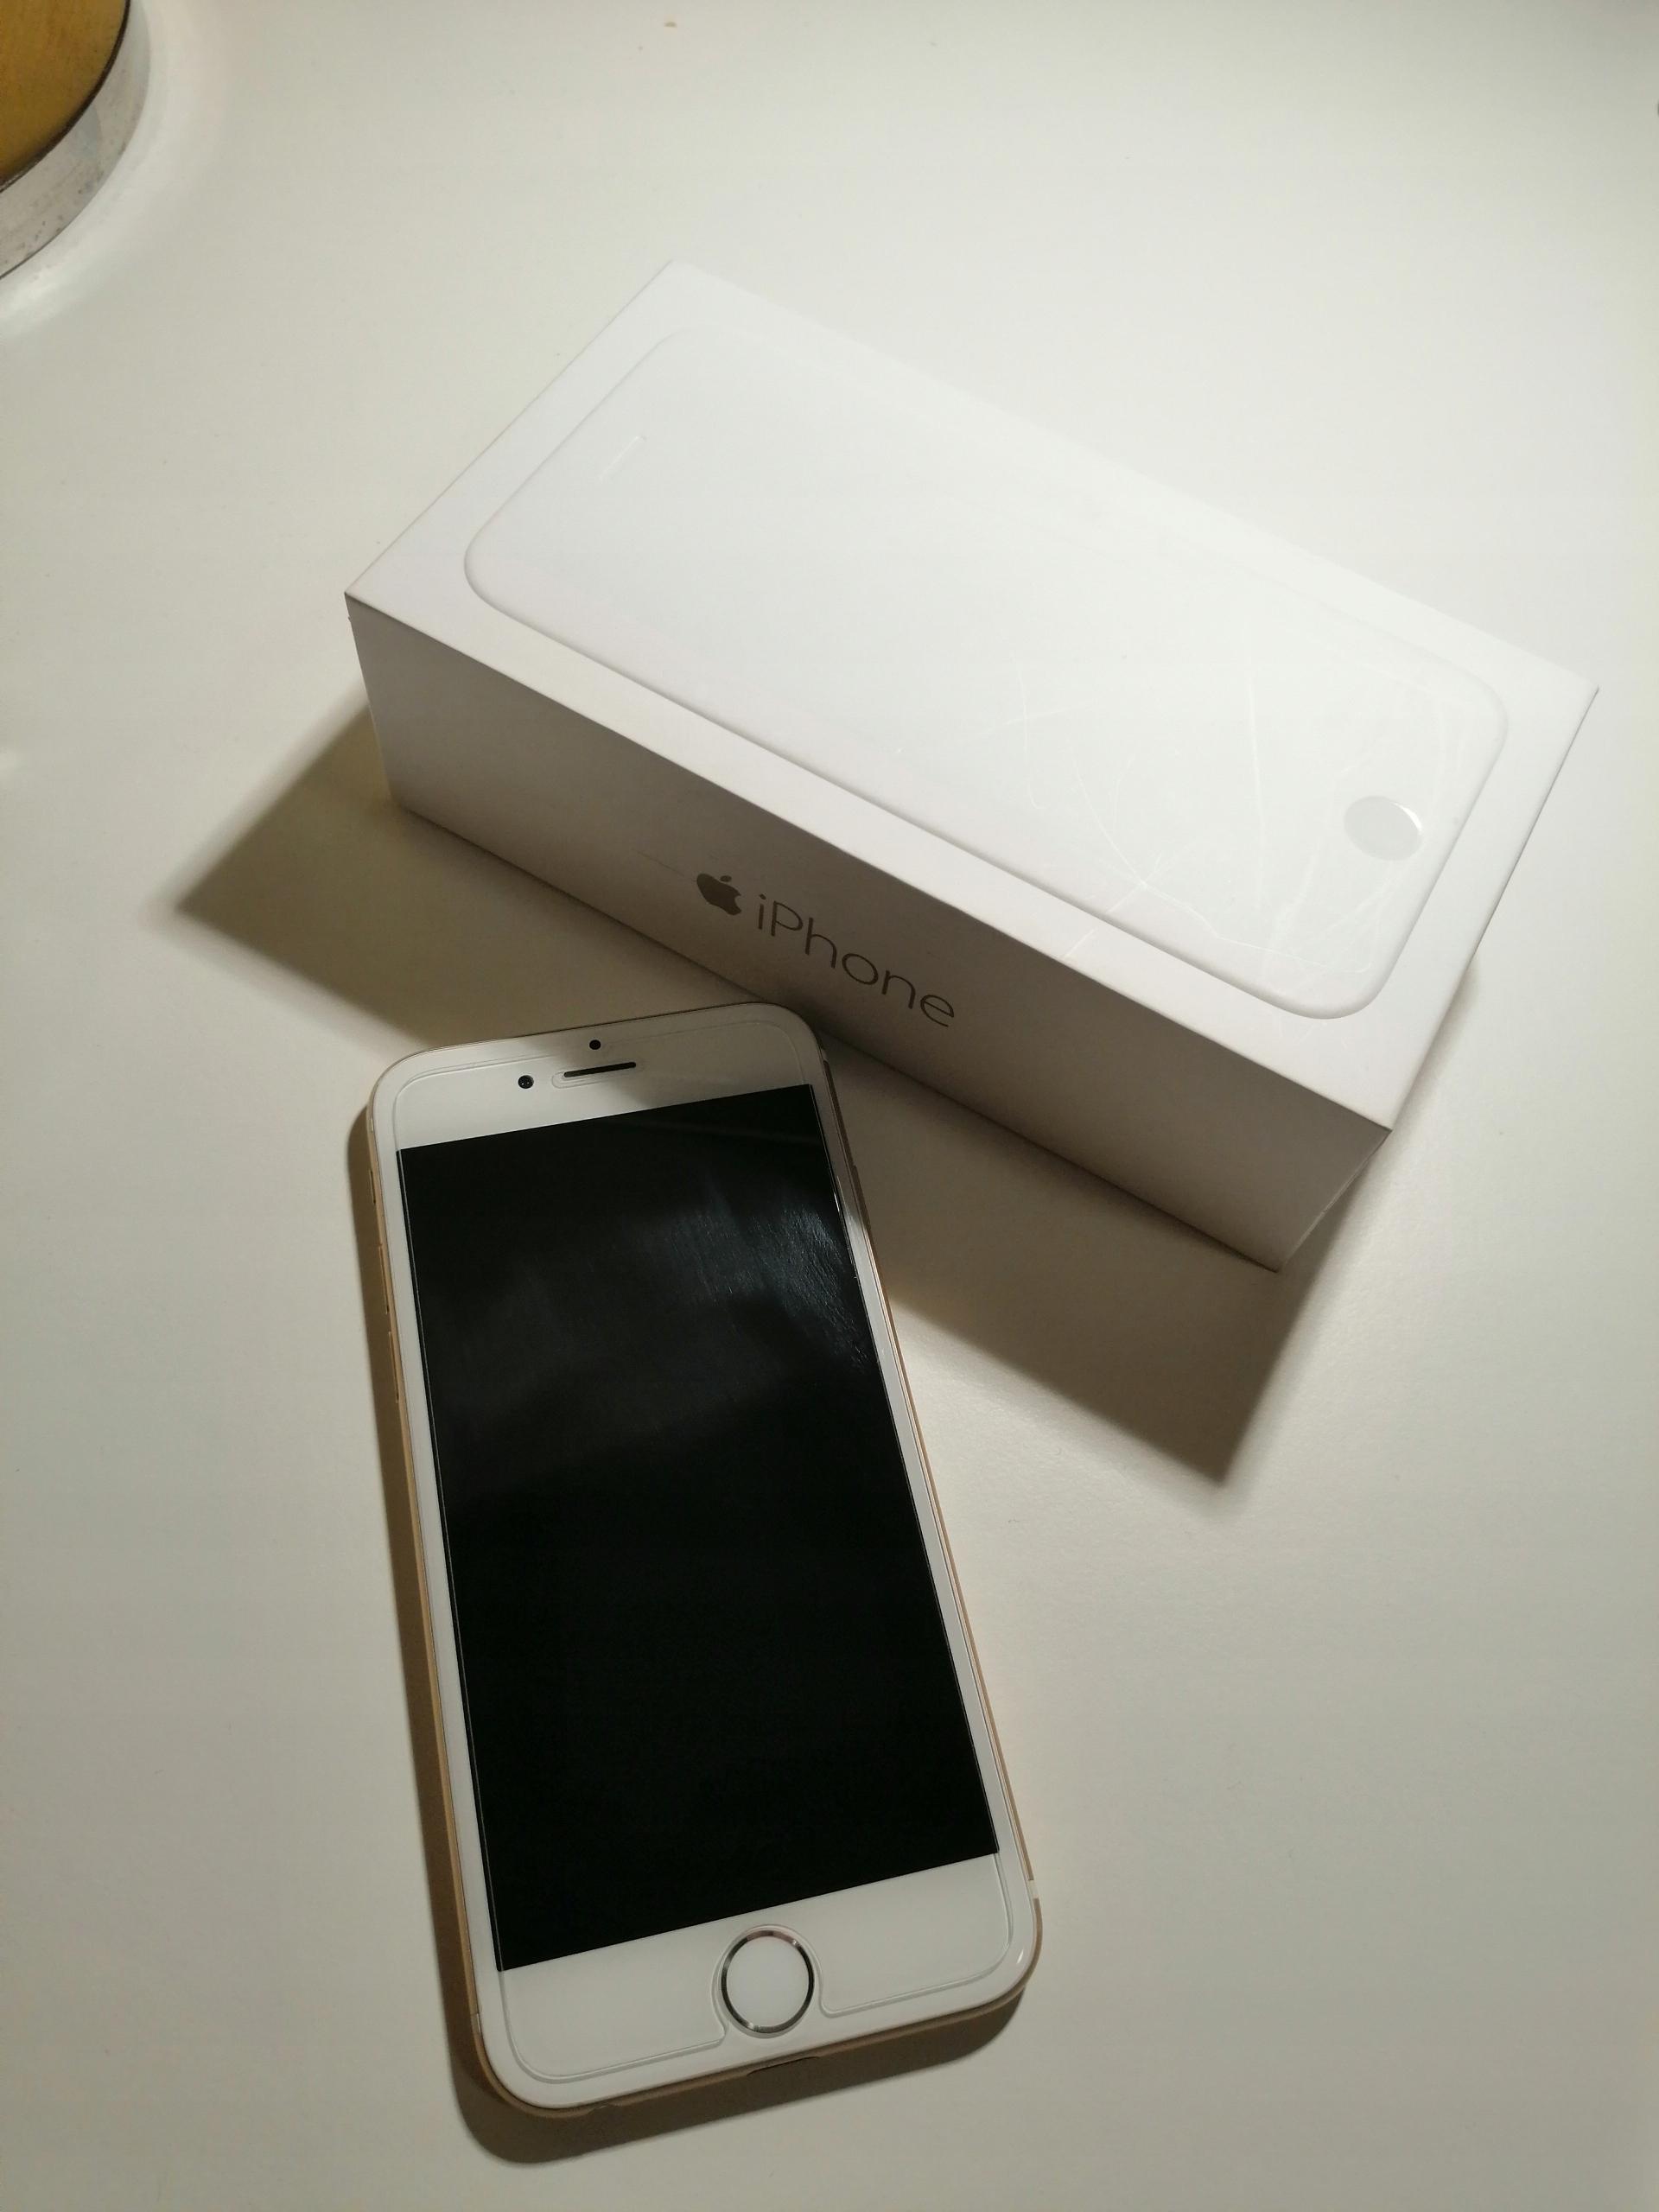 iPhone 6 złoty 16 GB NOWE SŁUCHAWKI + ŁADOWARKA